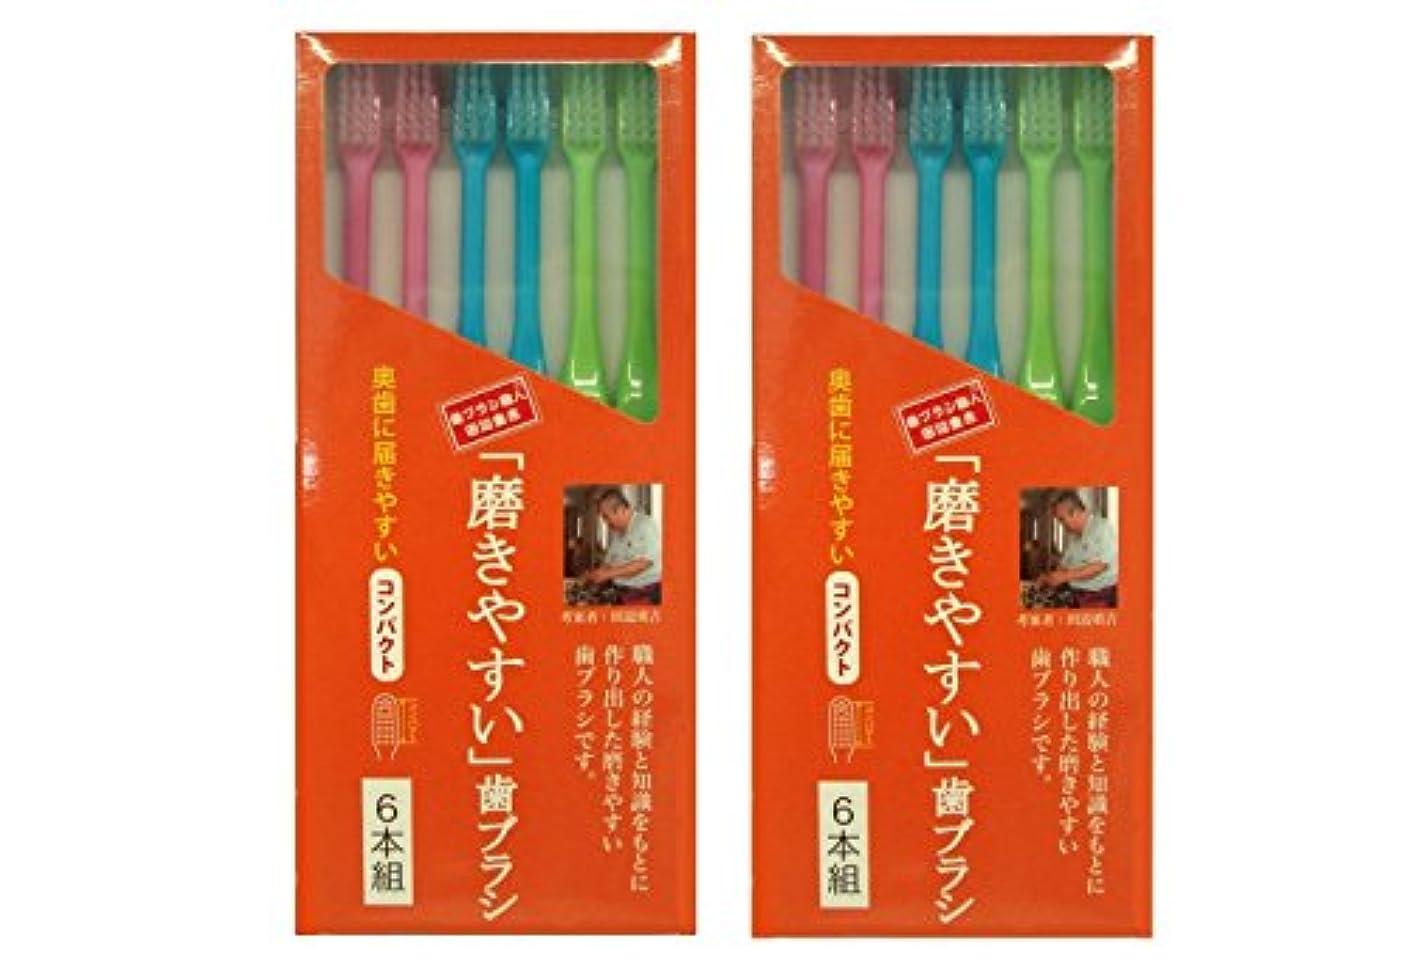 指定するからバーゲン磨きやすい歯ブラシ 6本組 コンパクトタイプ×2個セット